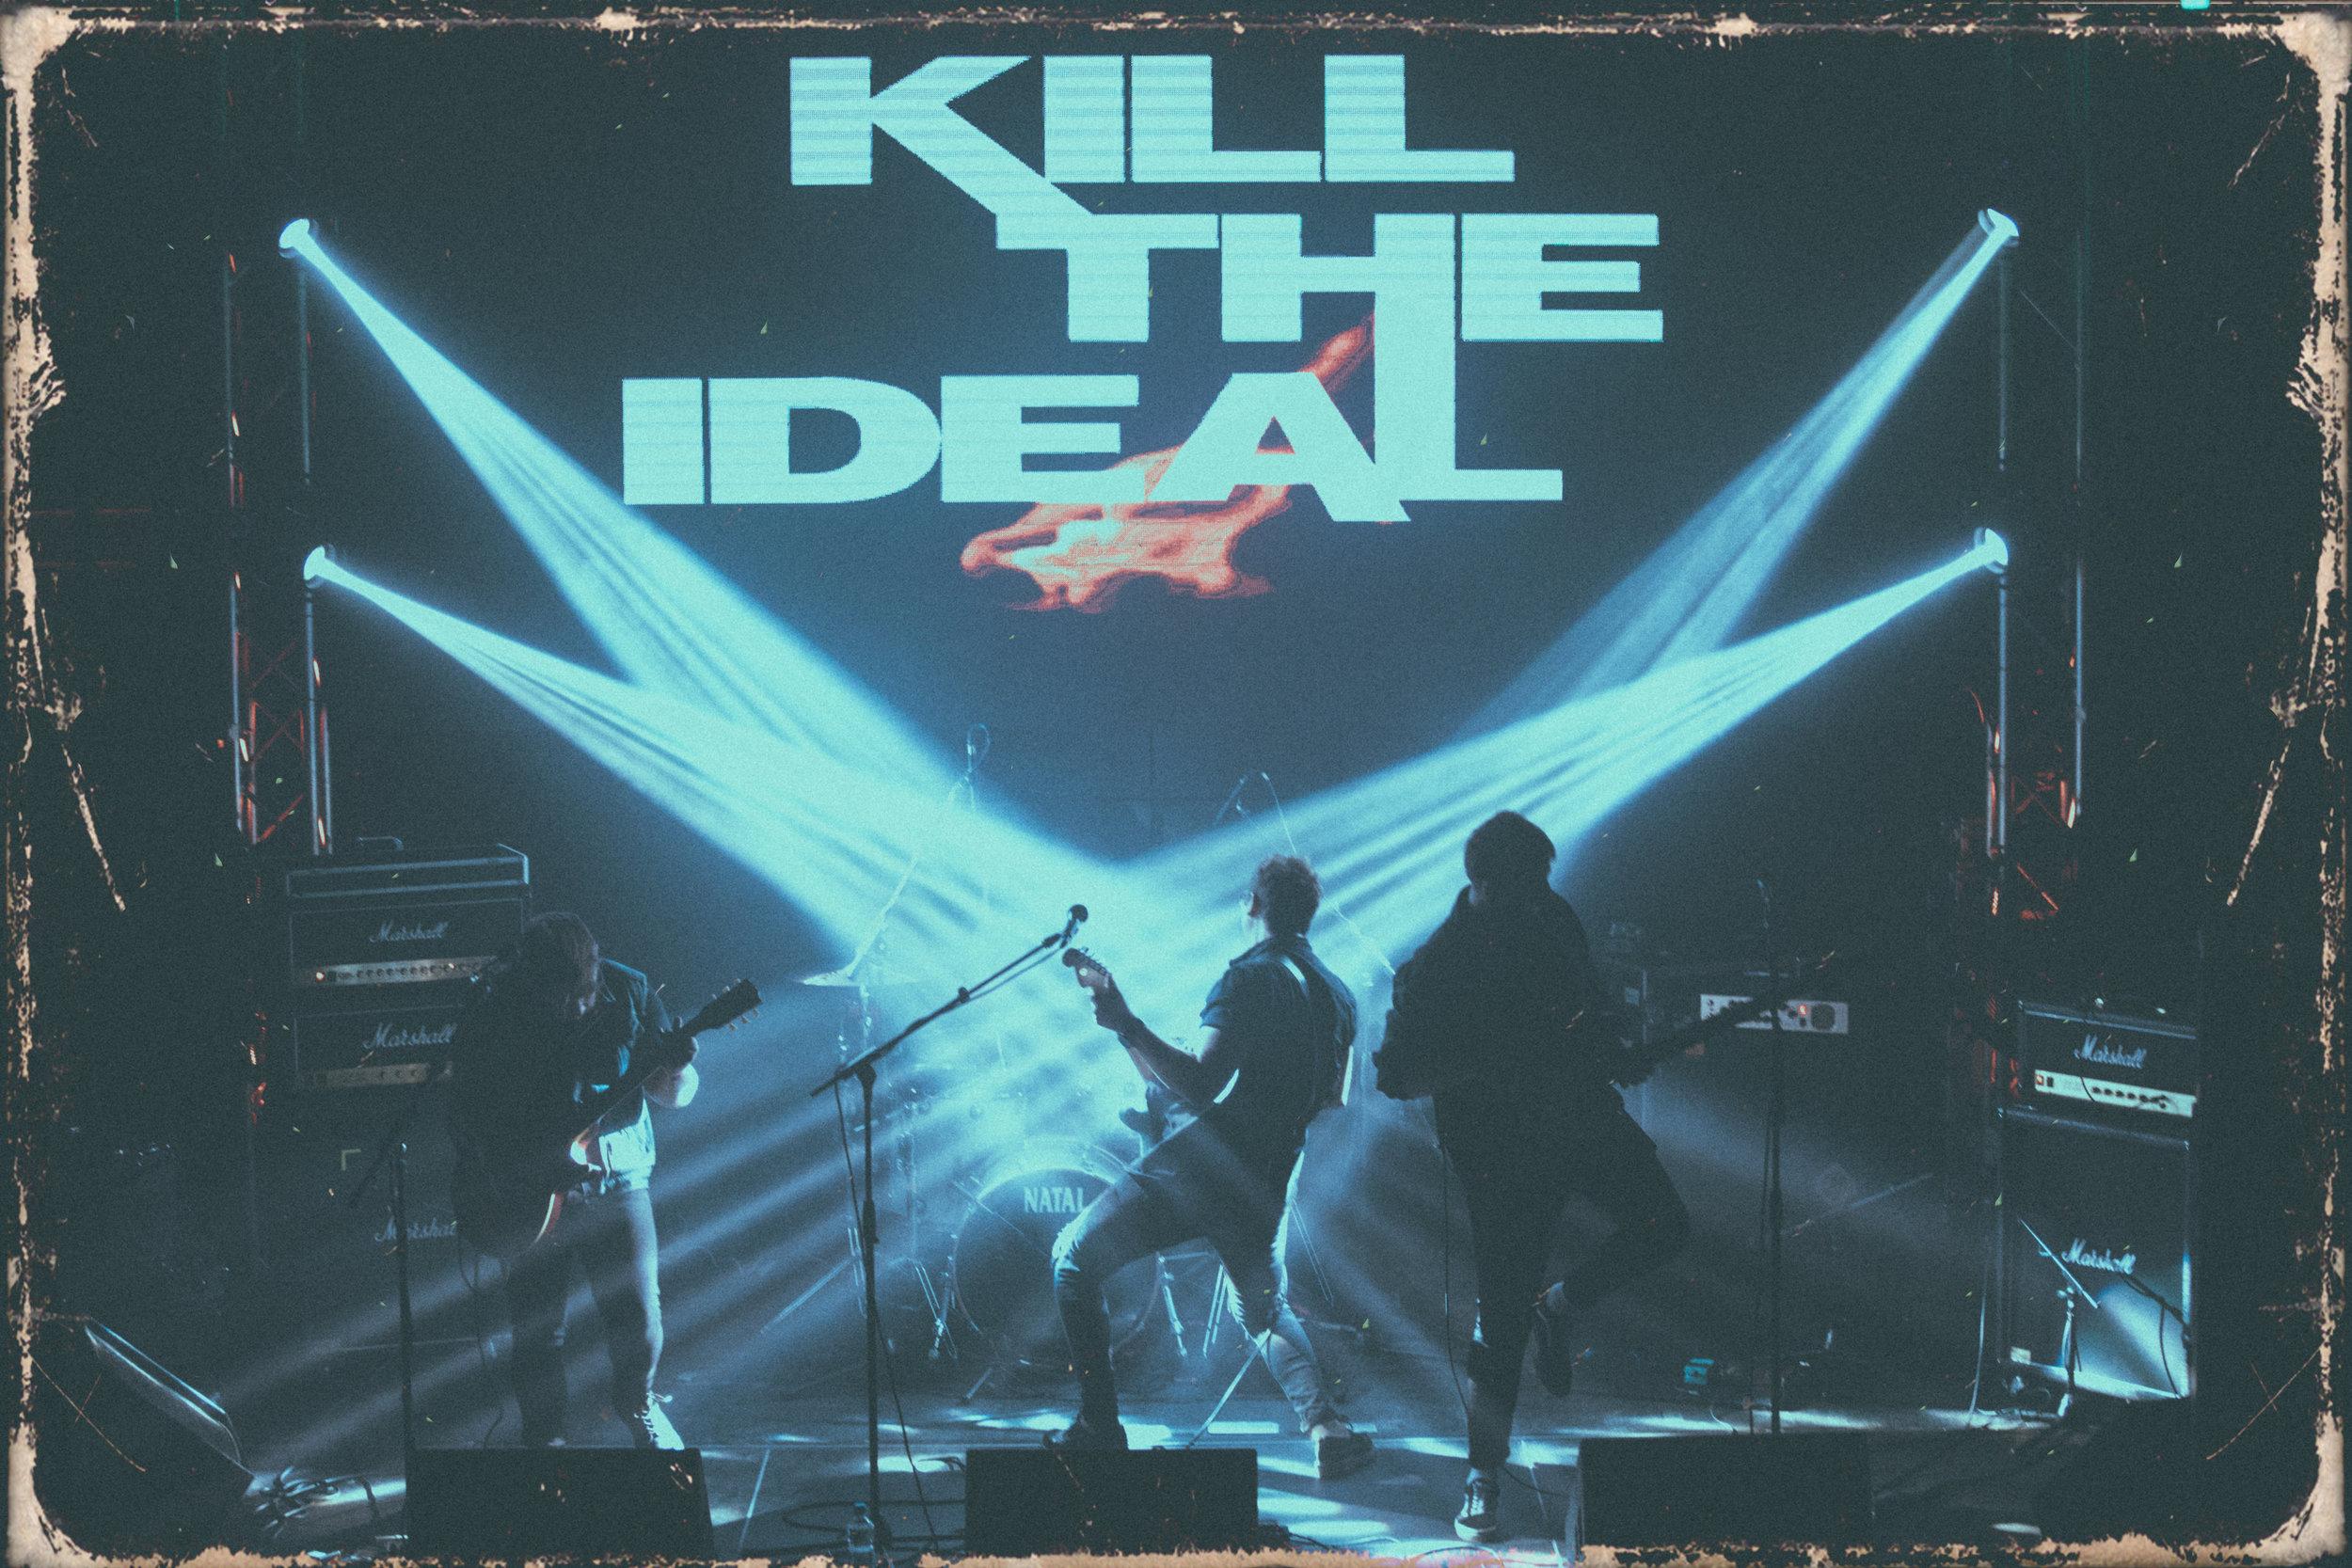 Kill The Ideal